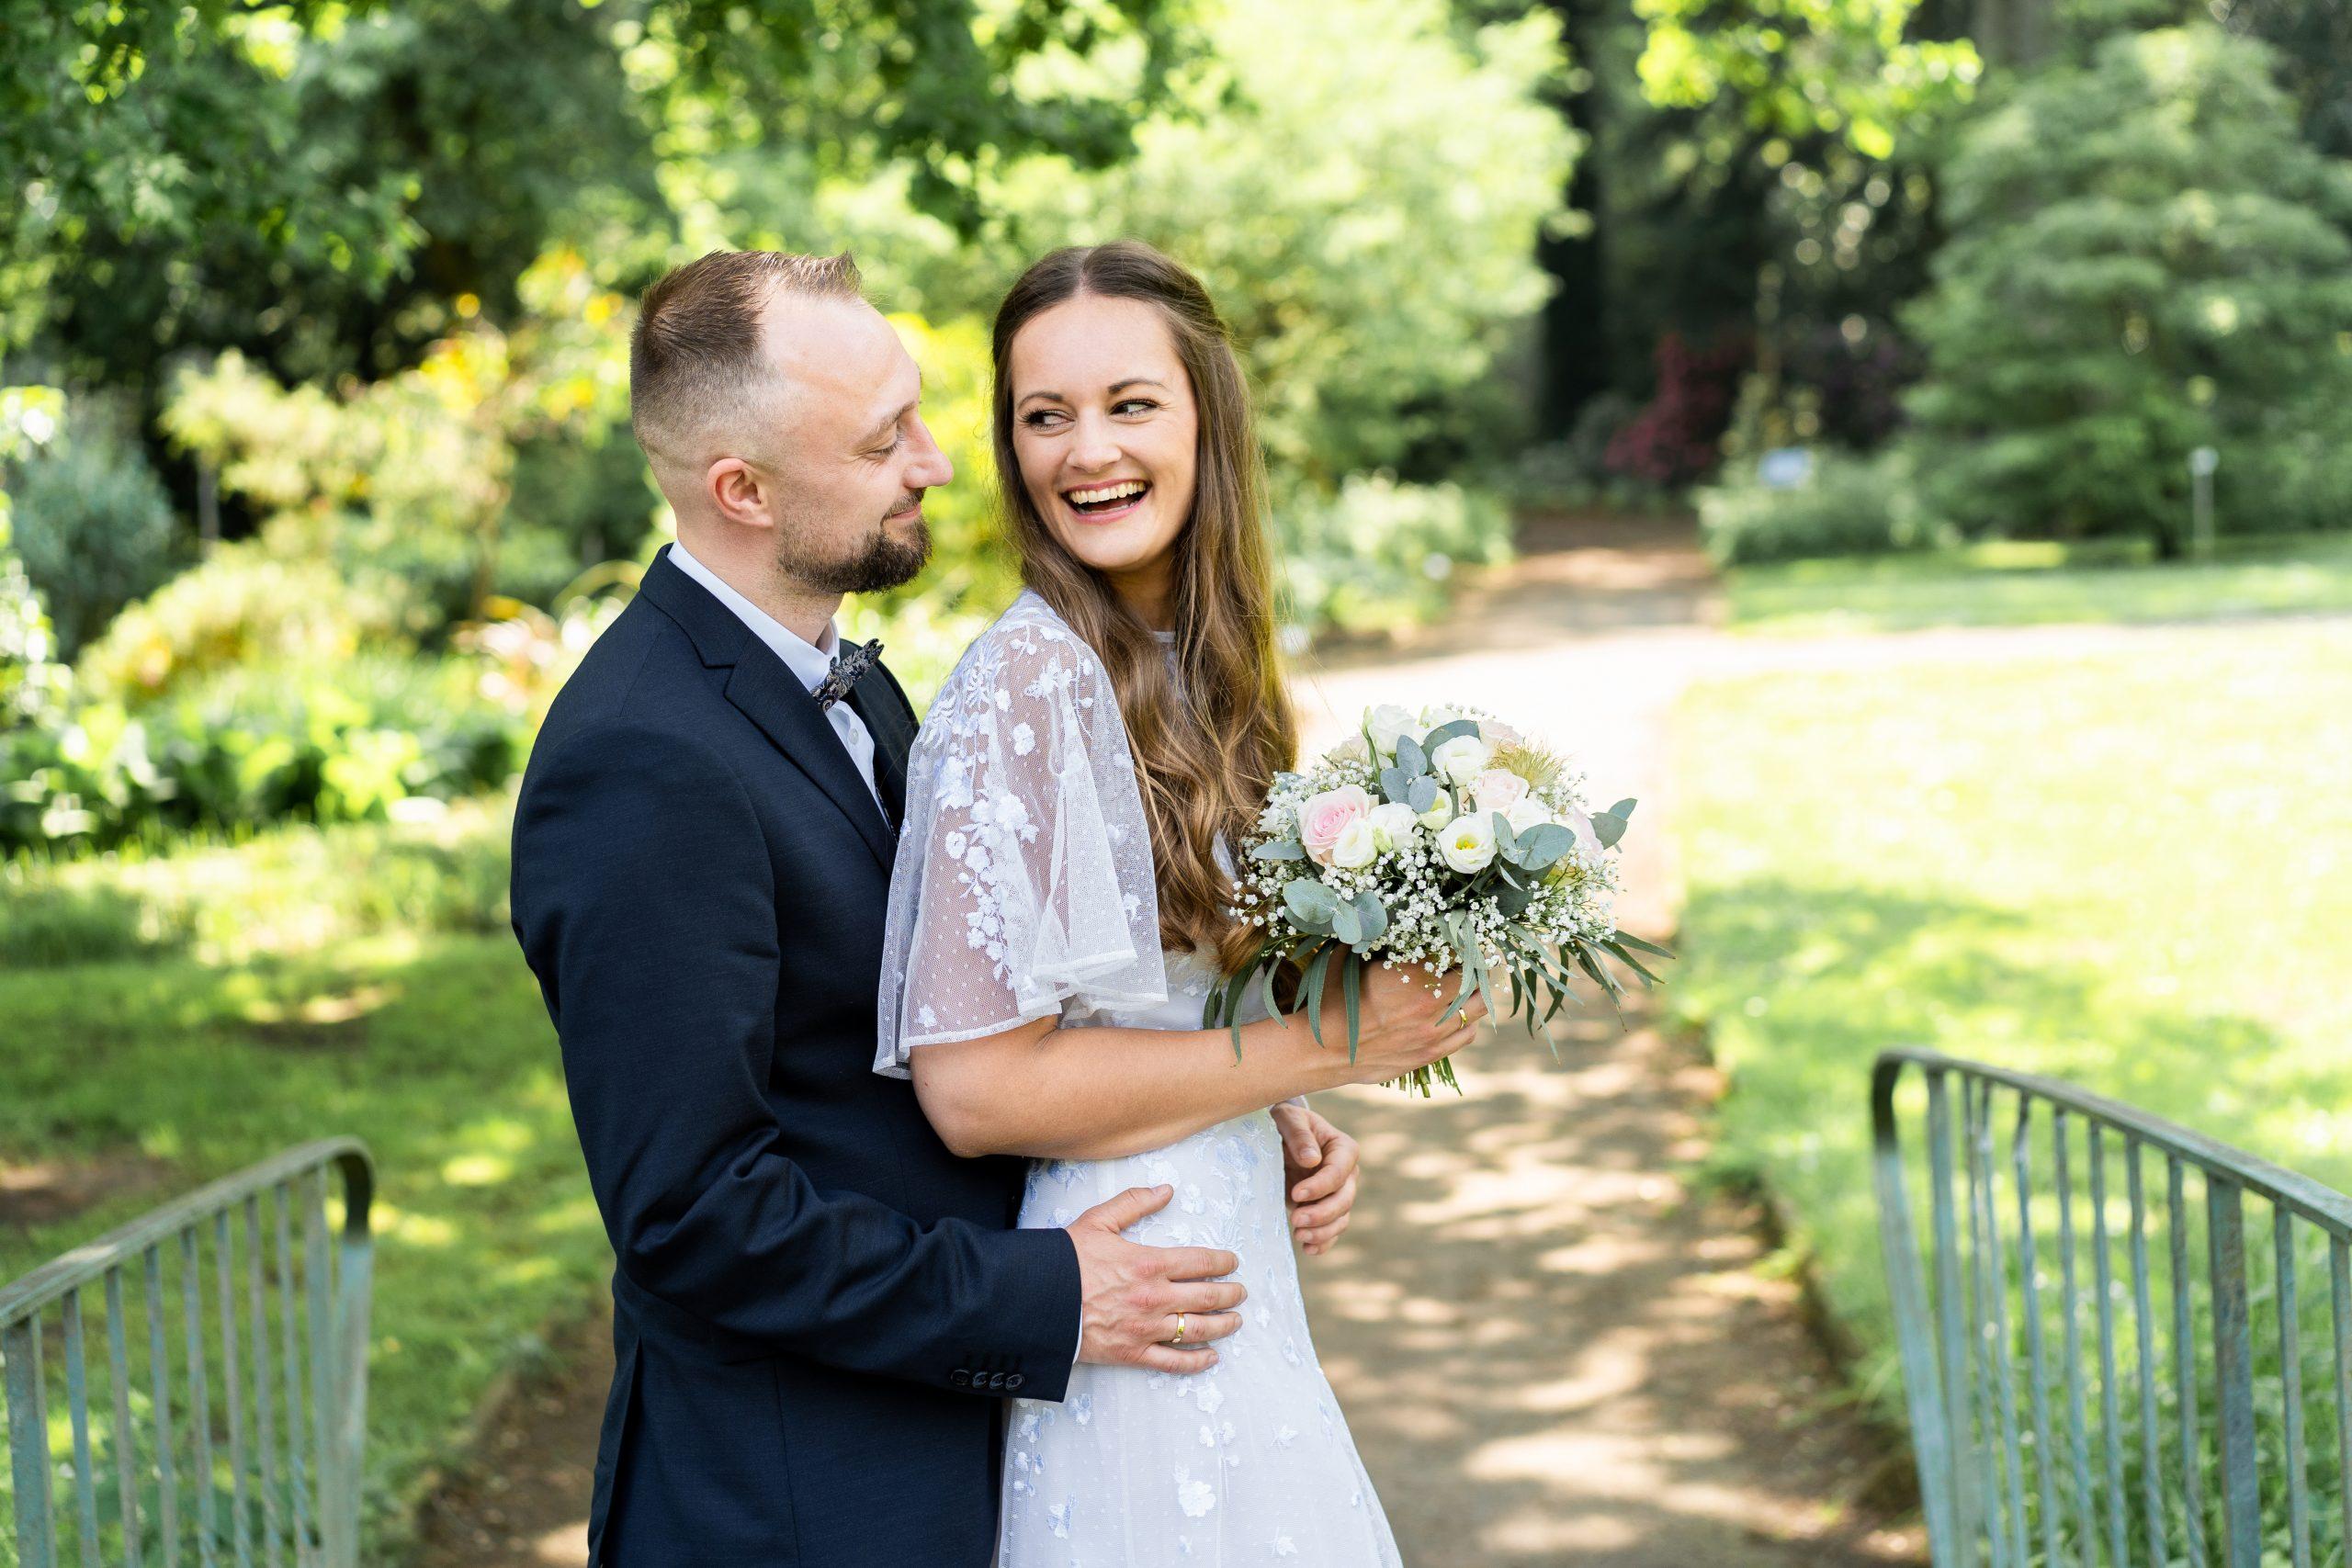 Hochzeitsshooting Fotografi Hochzeitsfotografie Hochzeit im Park Outdoor Wedding Happy Couple